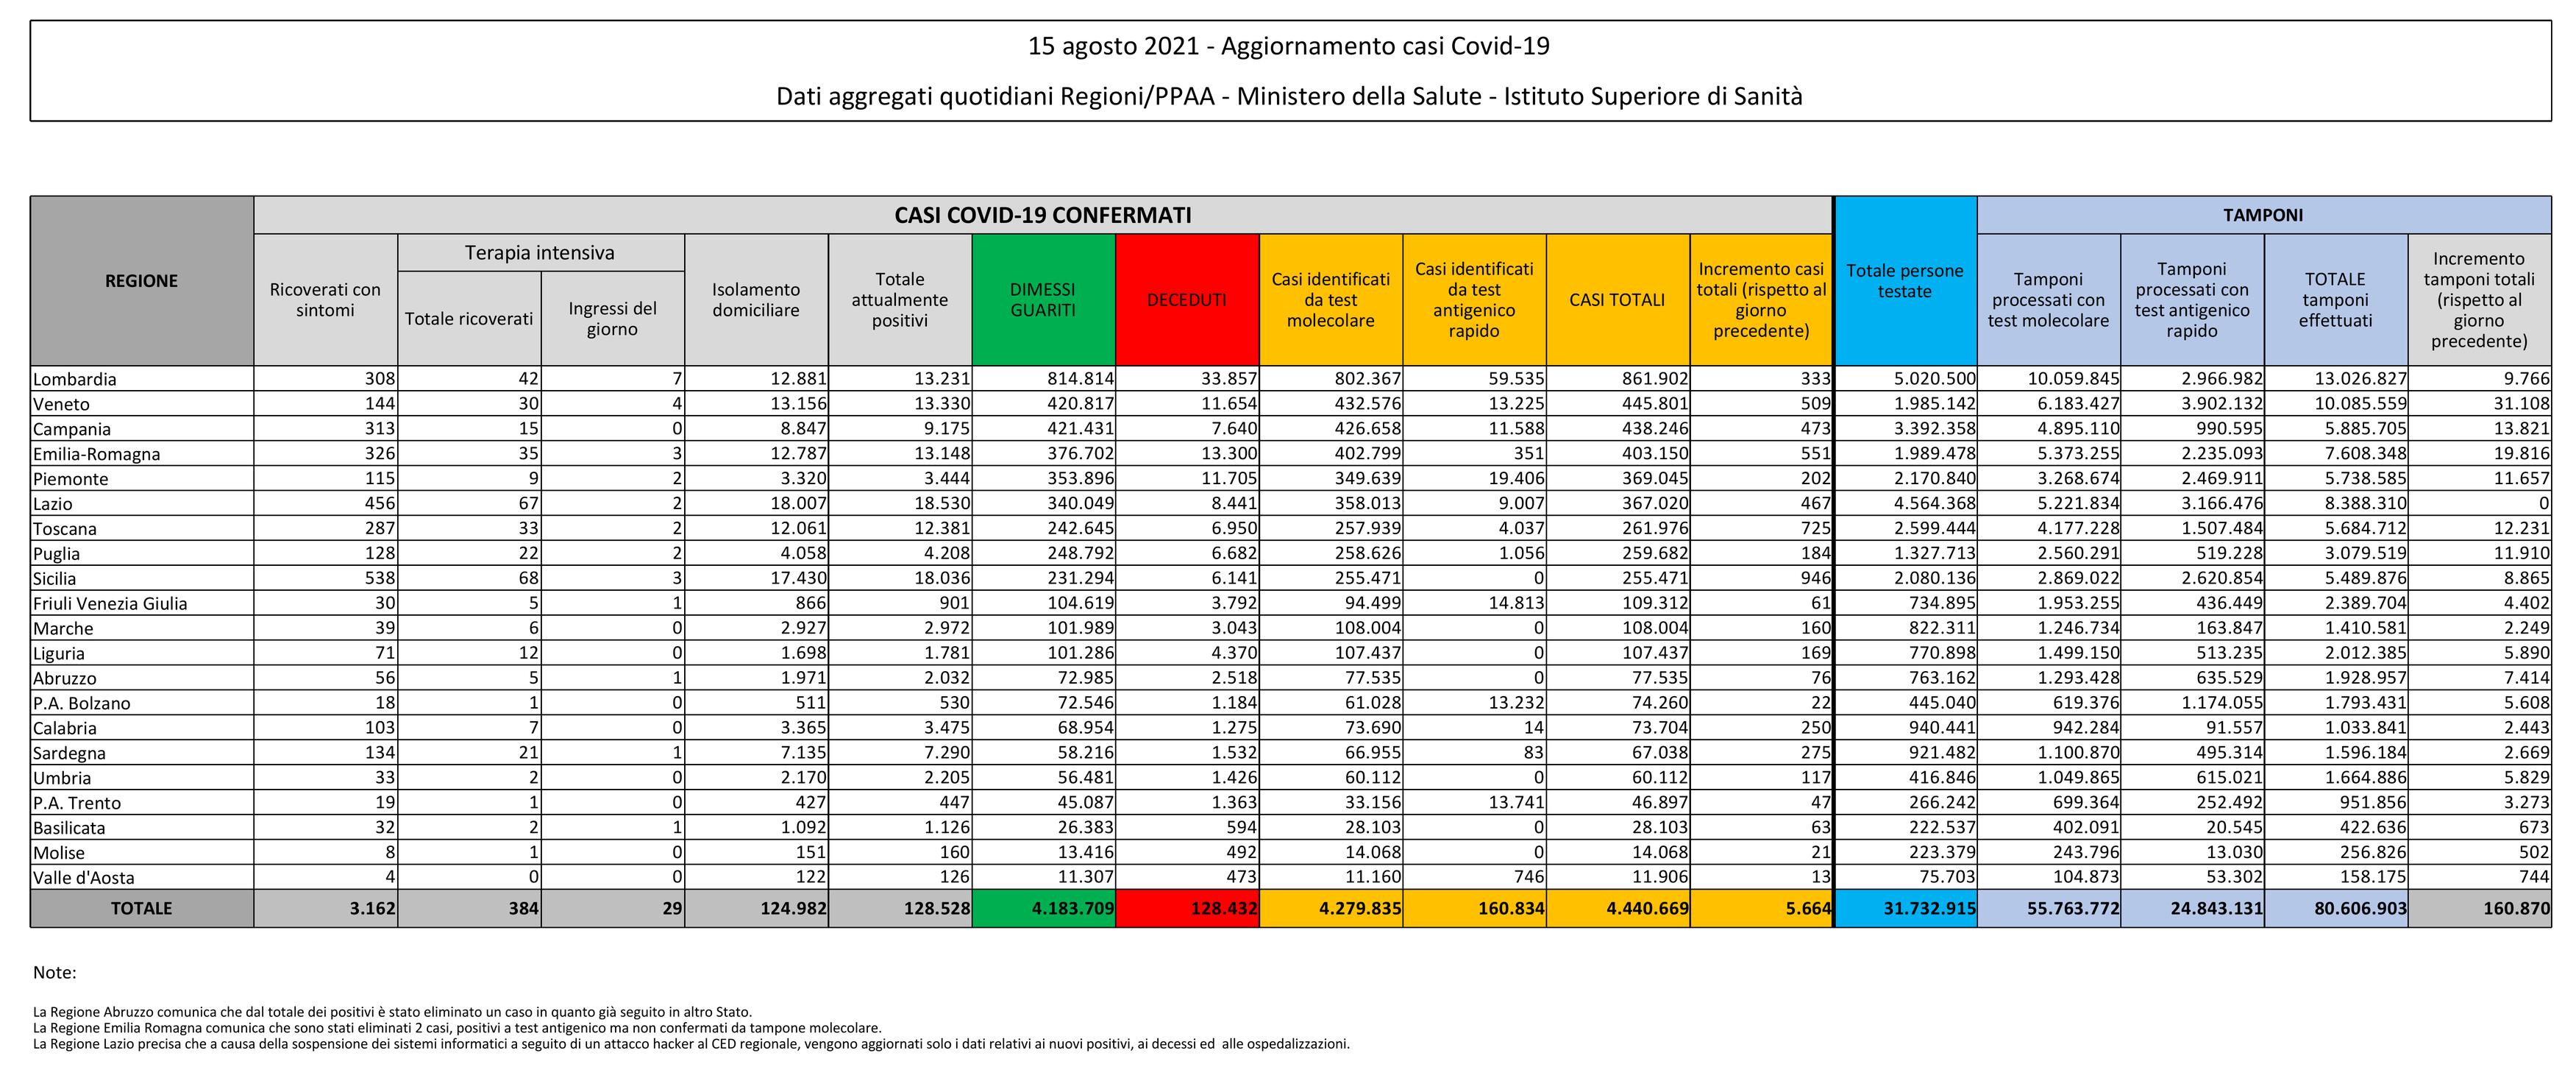 Bollettino Coronavirus in Italia (Covid-19) - 15 agosto 2021